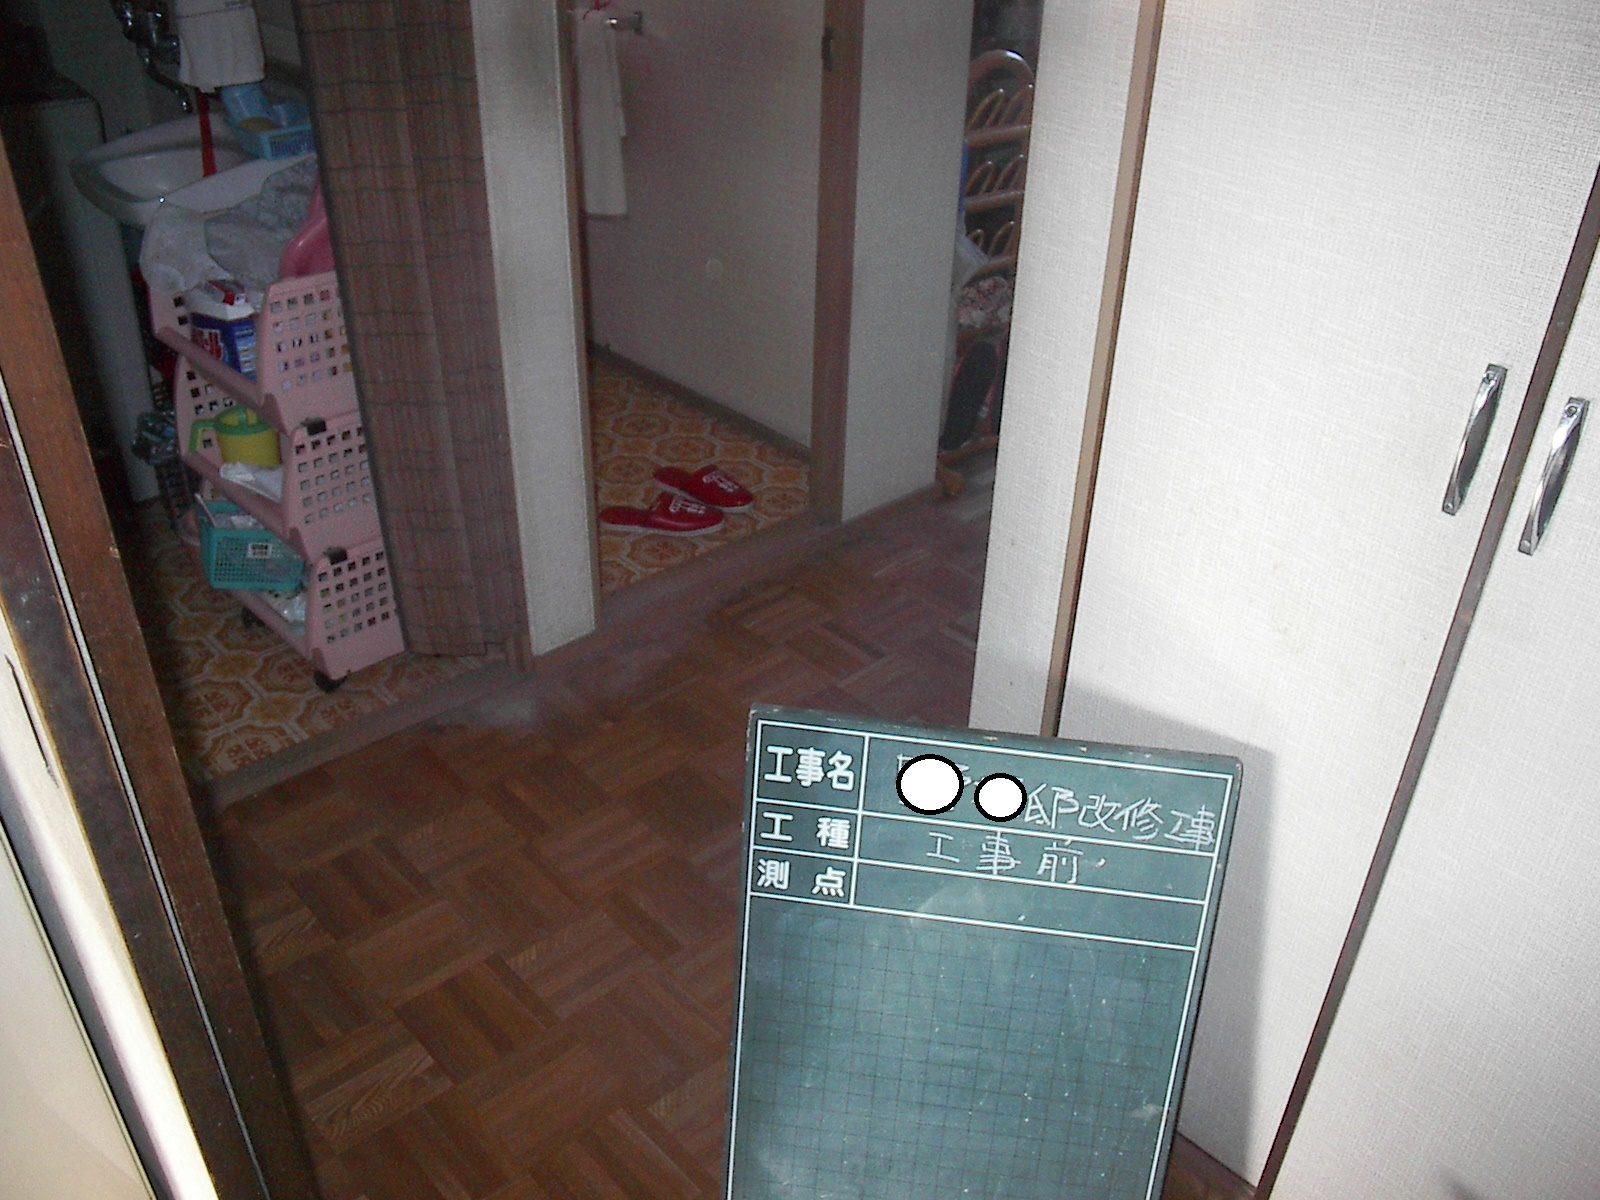 段差に狭いドア幅で・・・